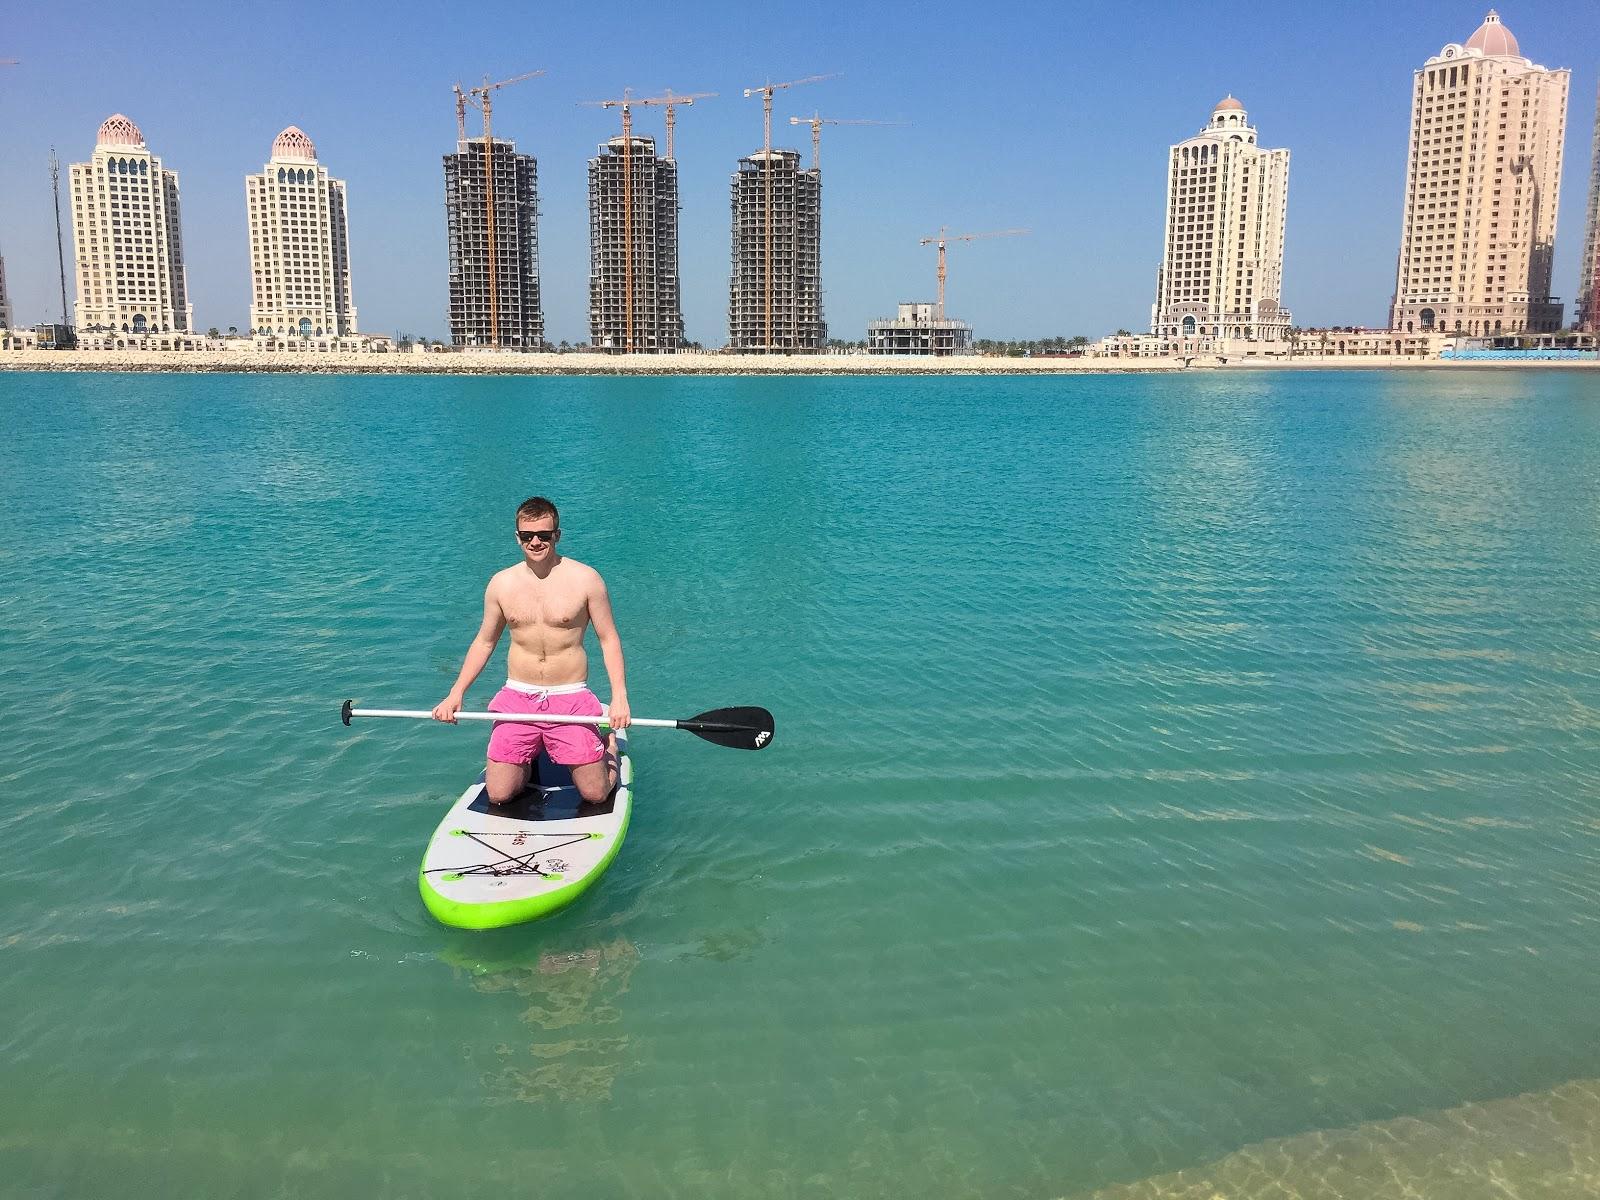 Visiting Qatar: Paddleboarding The Pearl Doha